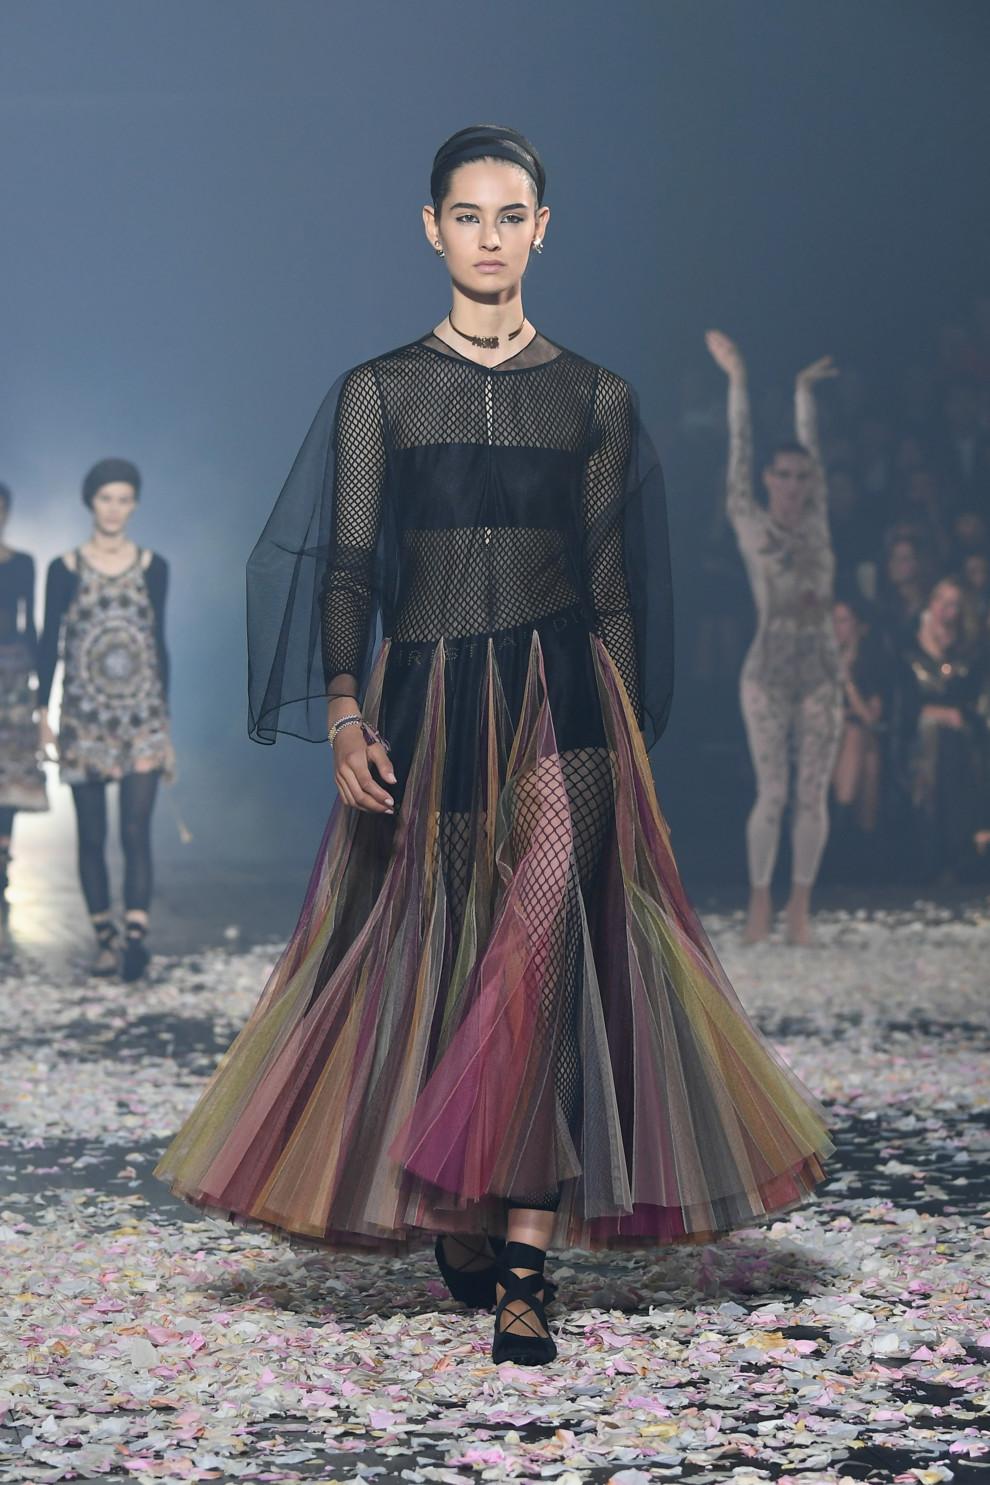 5ba8ff804b086 - Старт Недели моды в Париже: Christian Dior весна-лето 2019